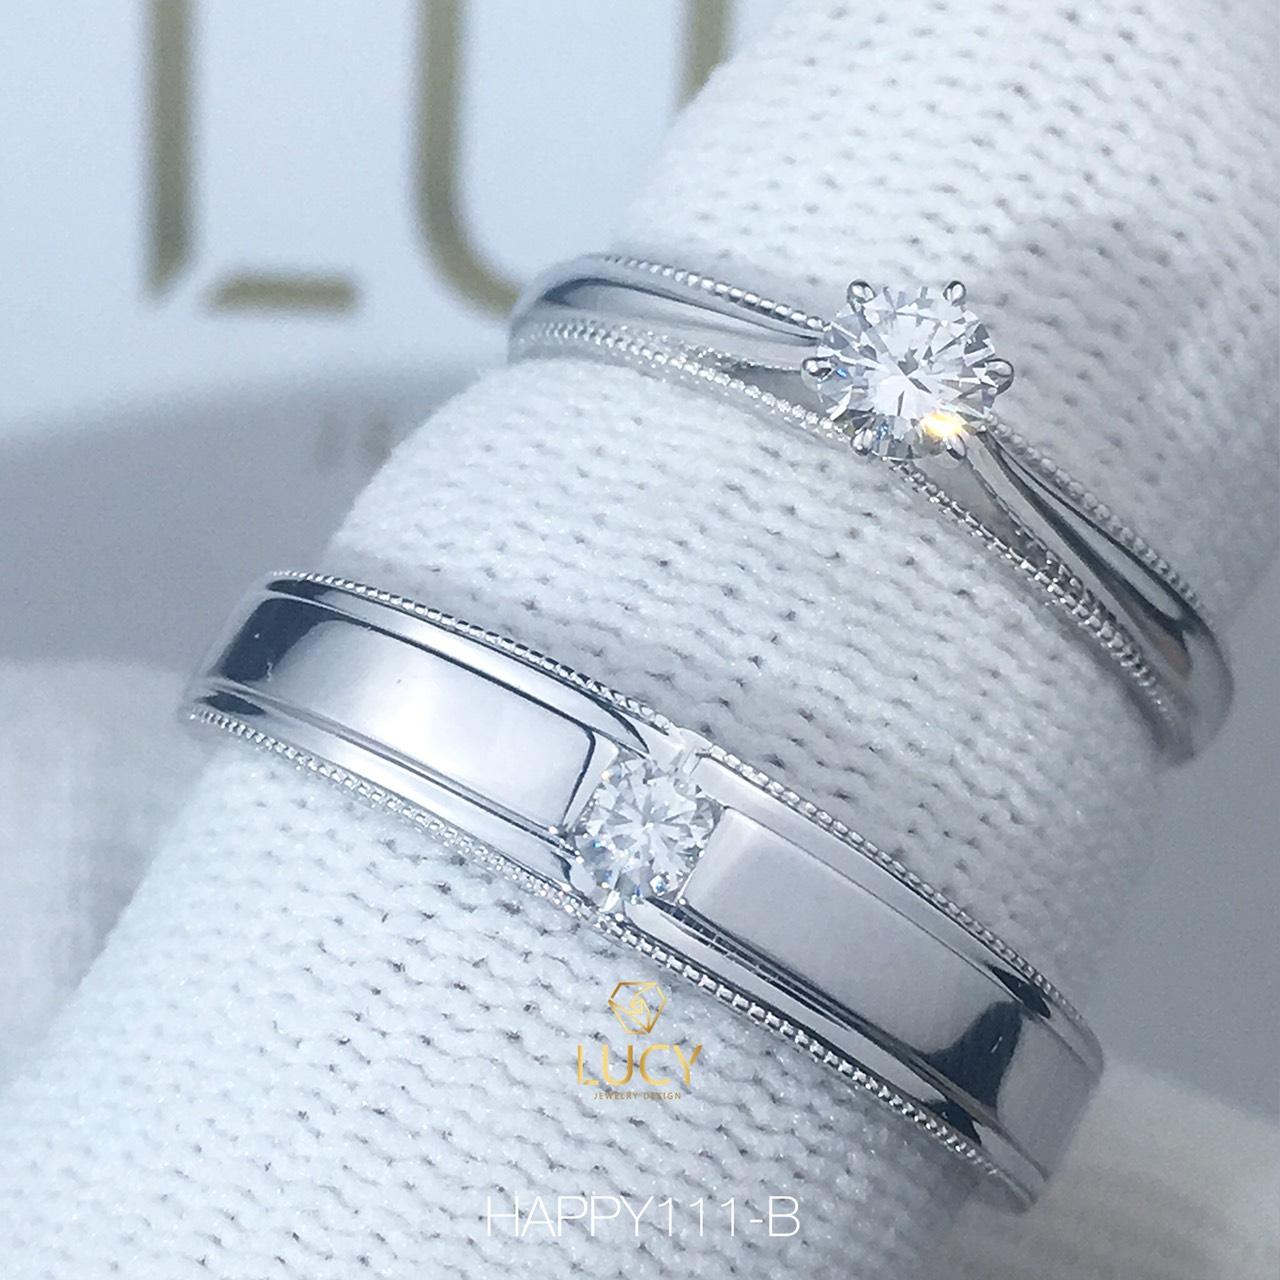 HAPPY111-B Nhẫn cưới thiết kế đá chủ nữ 4mm, nhẫn cưới đẹp, nhẫn cưới cao cấp, nhẫn cưới kim cương - Lucy Jewelry